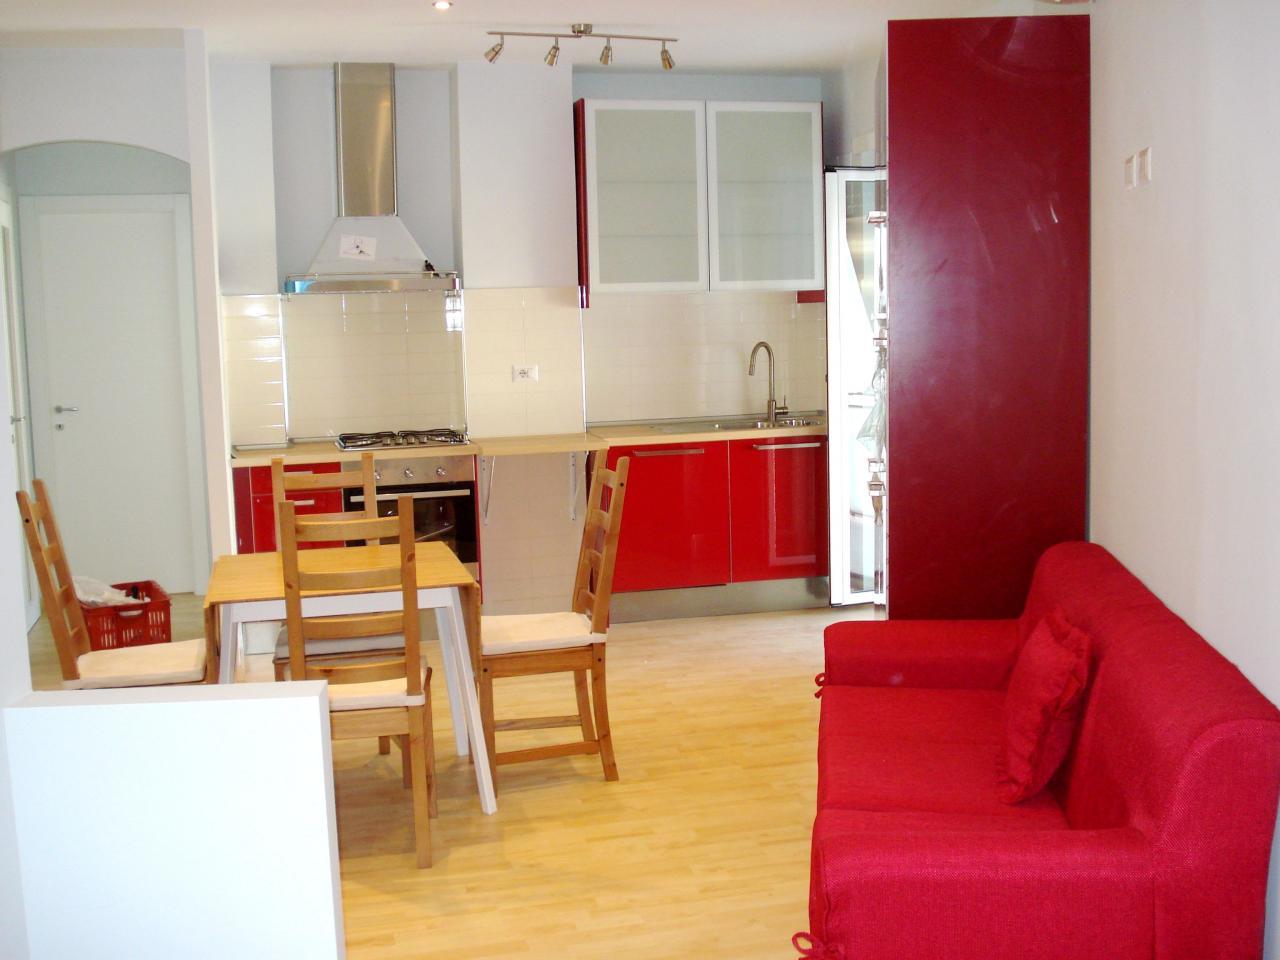 Appartamenti in affitto a roma annunci immobiliari for Affitto roma salario